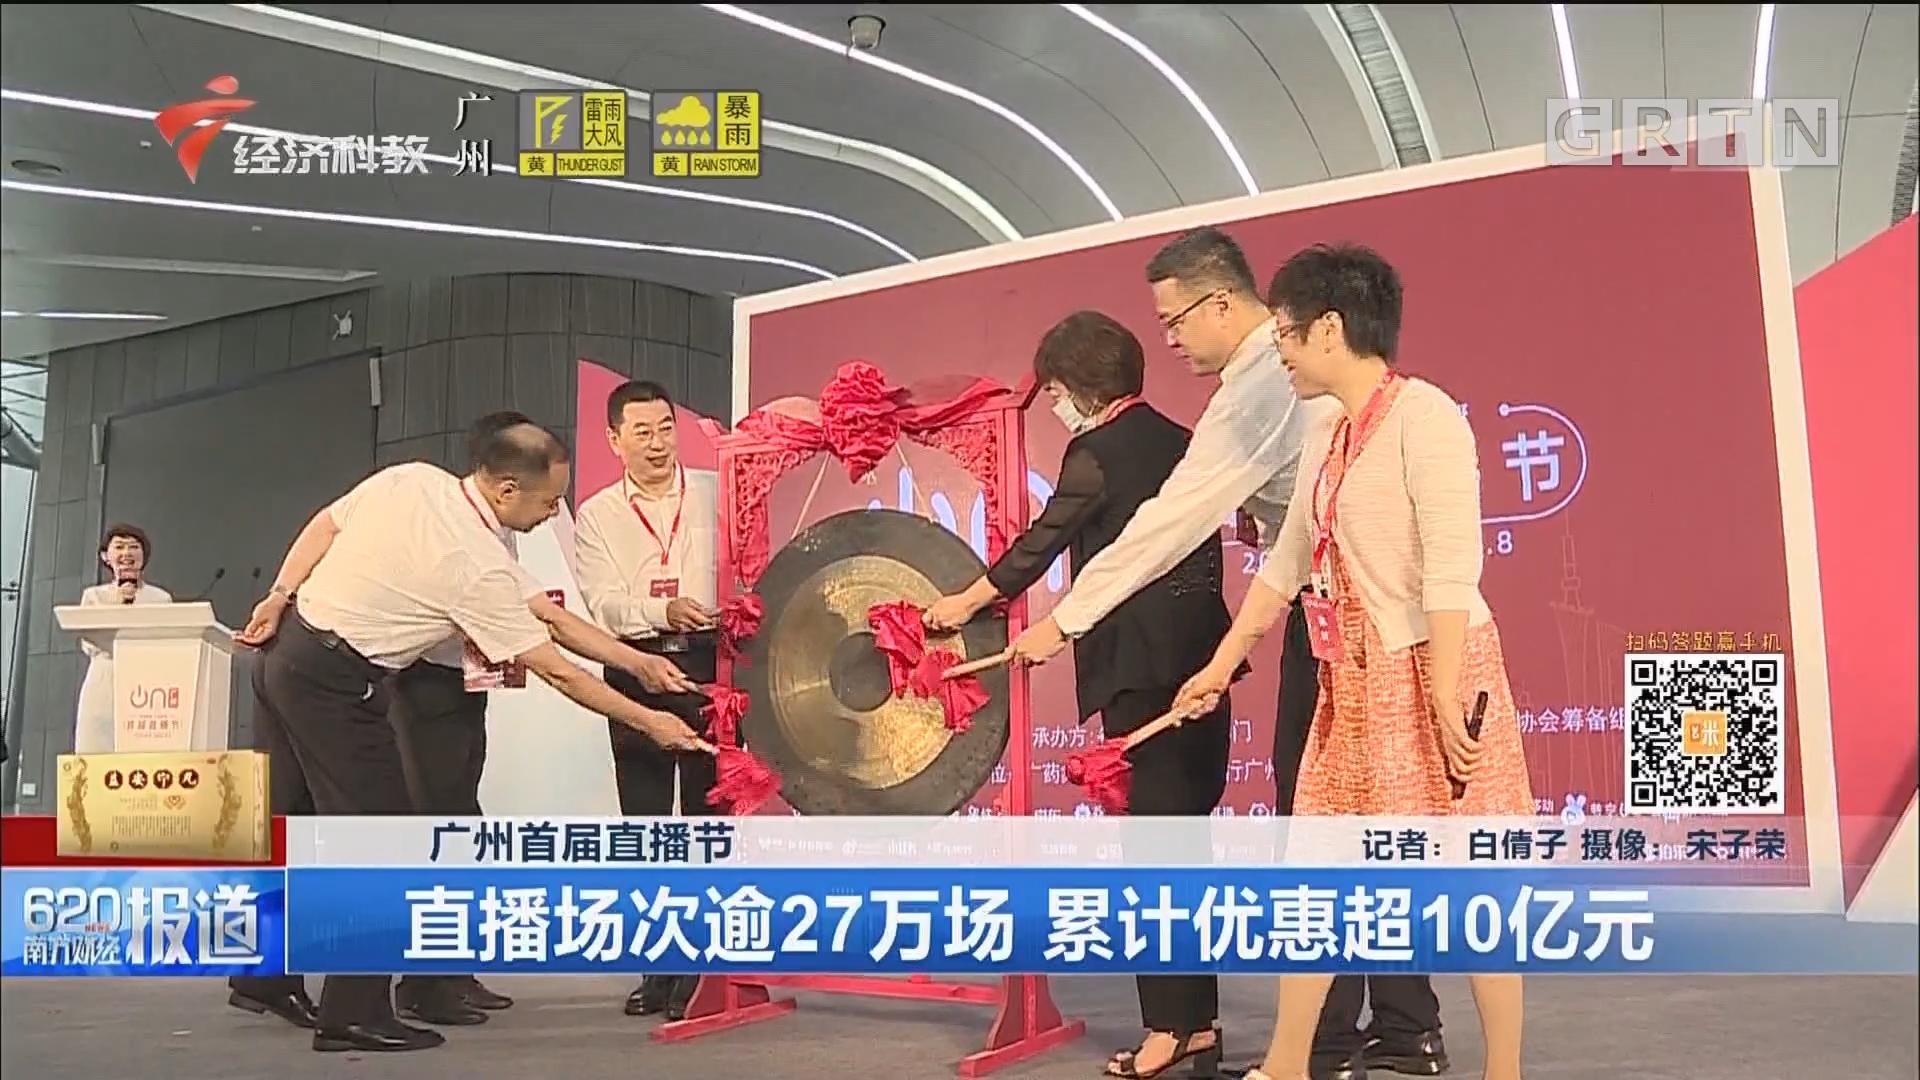 广州首届直播节 直播场次逾27万场 累计优惠超10亿元